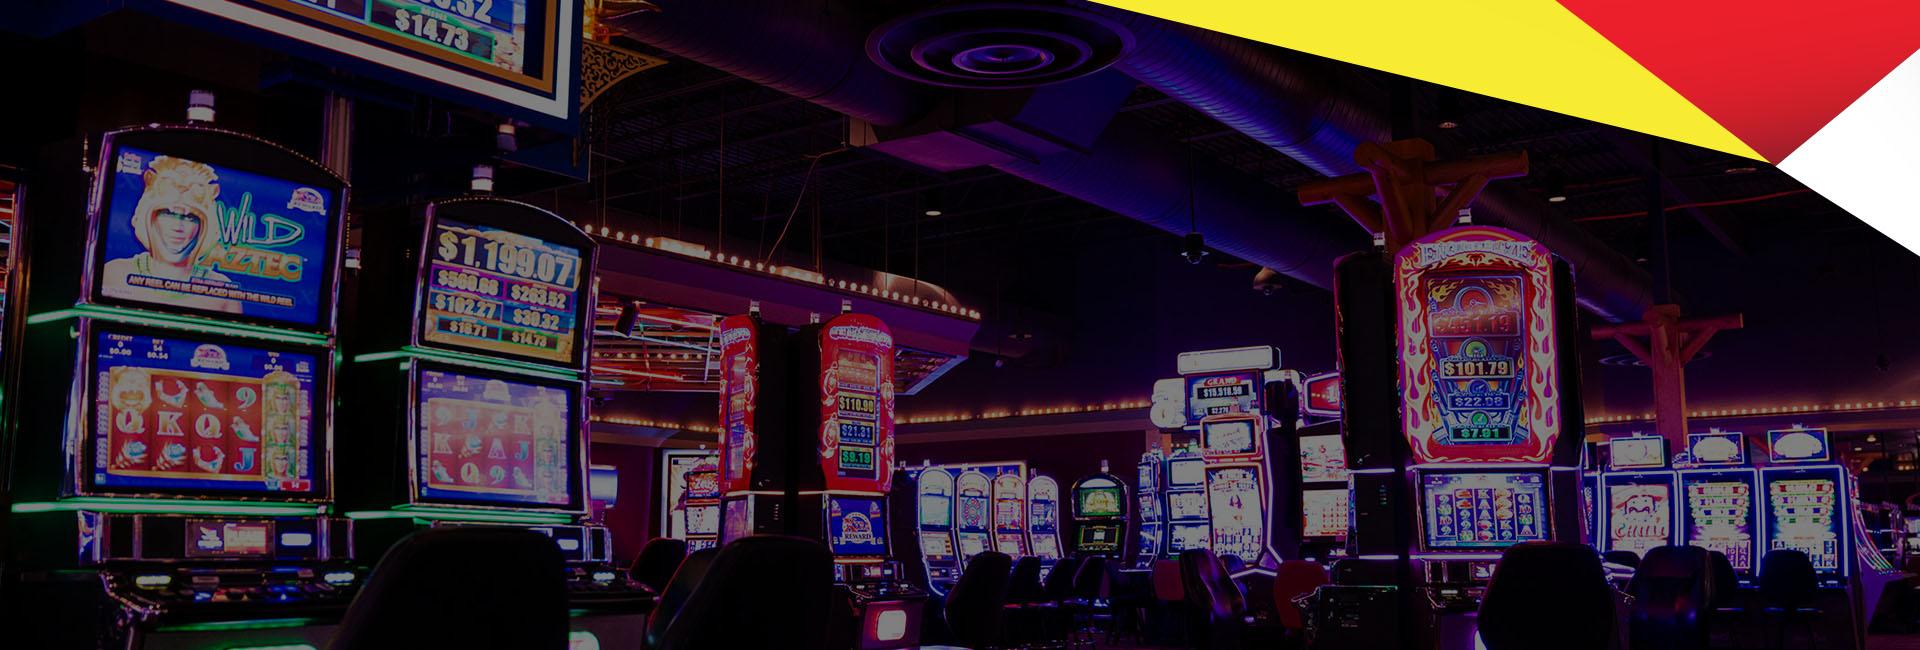 Скачать эмуляторы игровых автоматов garage бесплатно